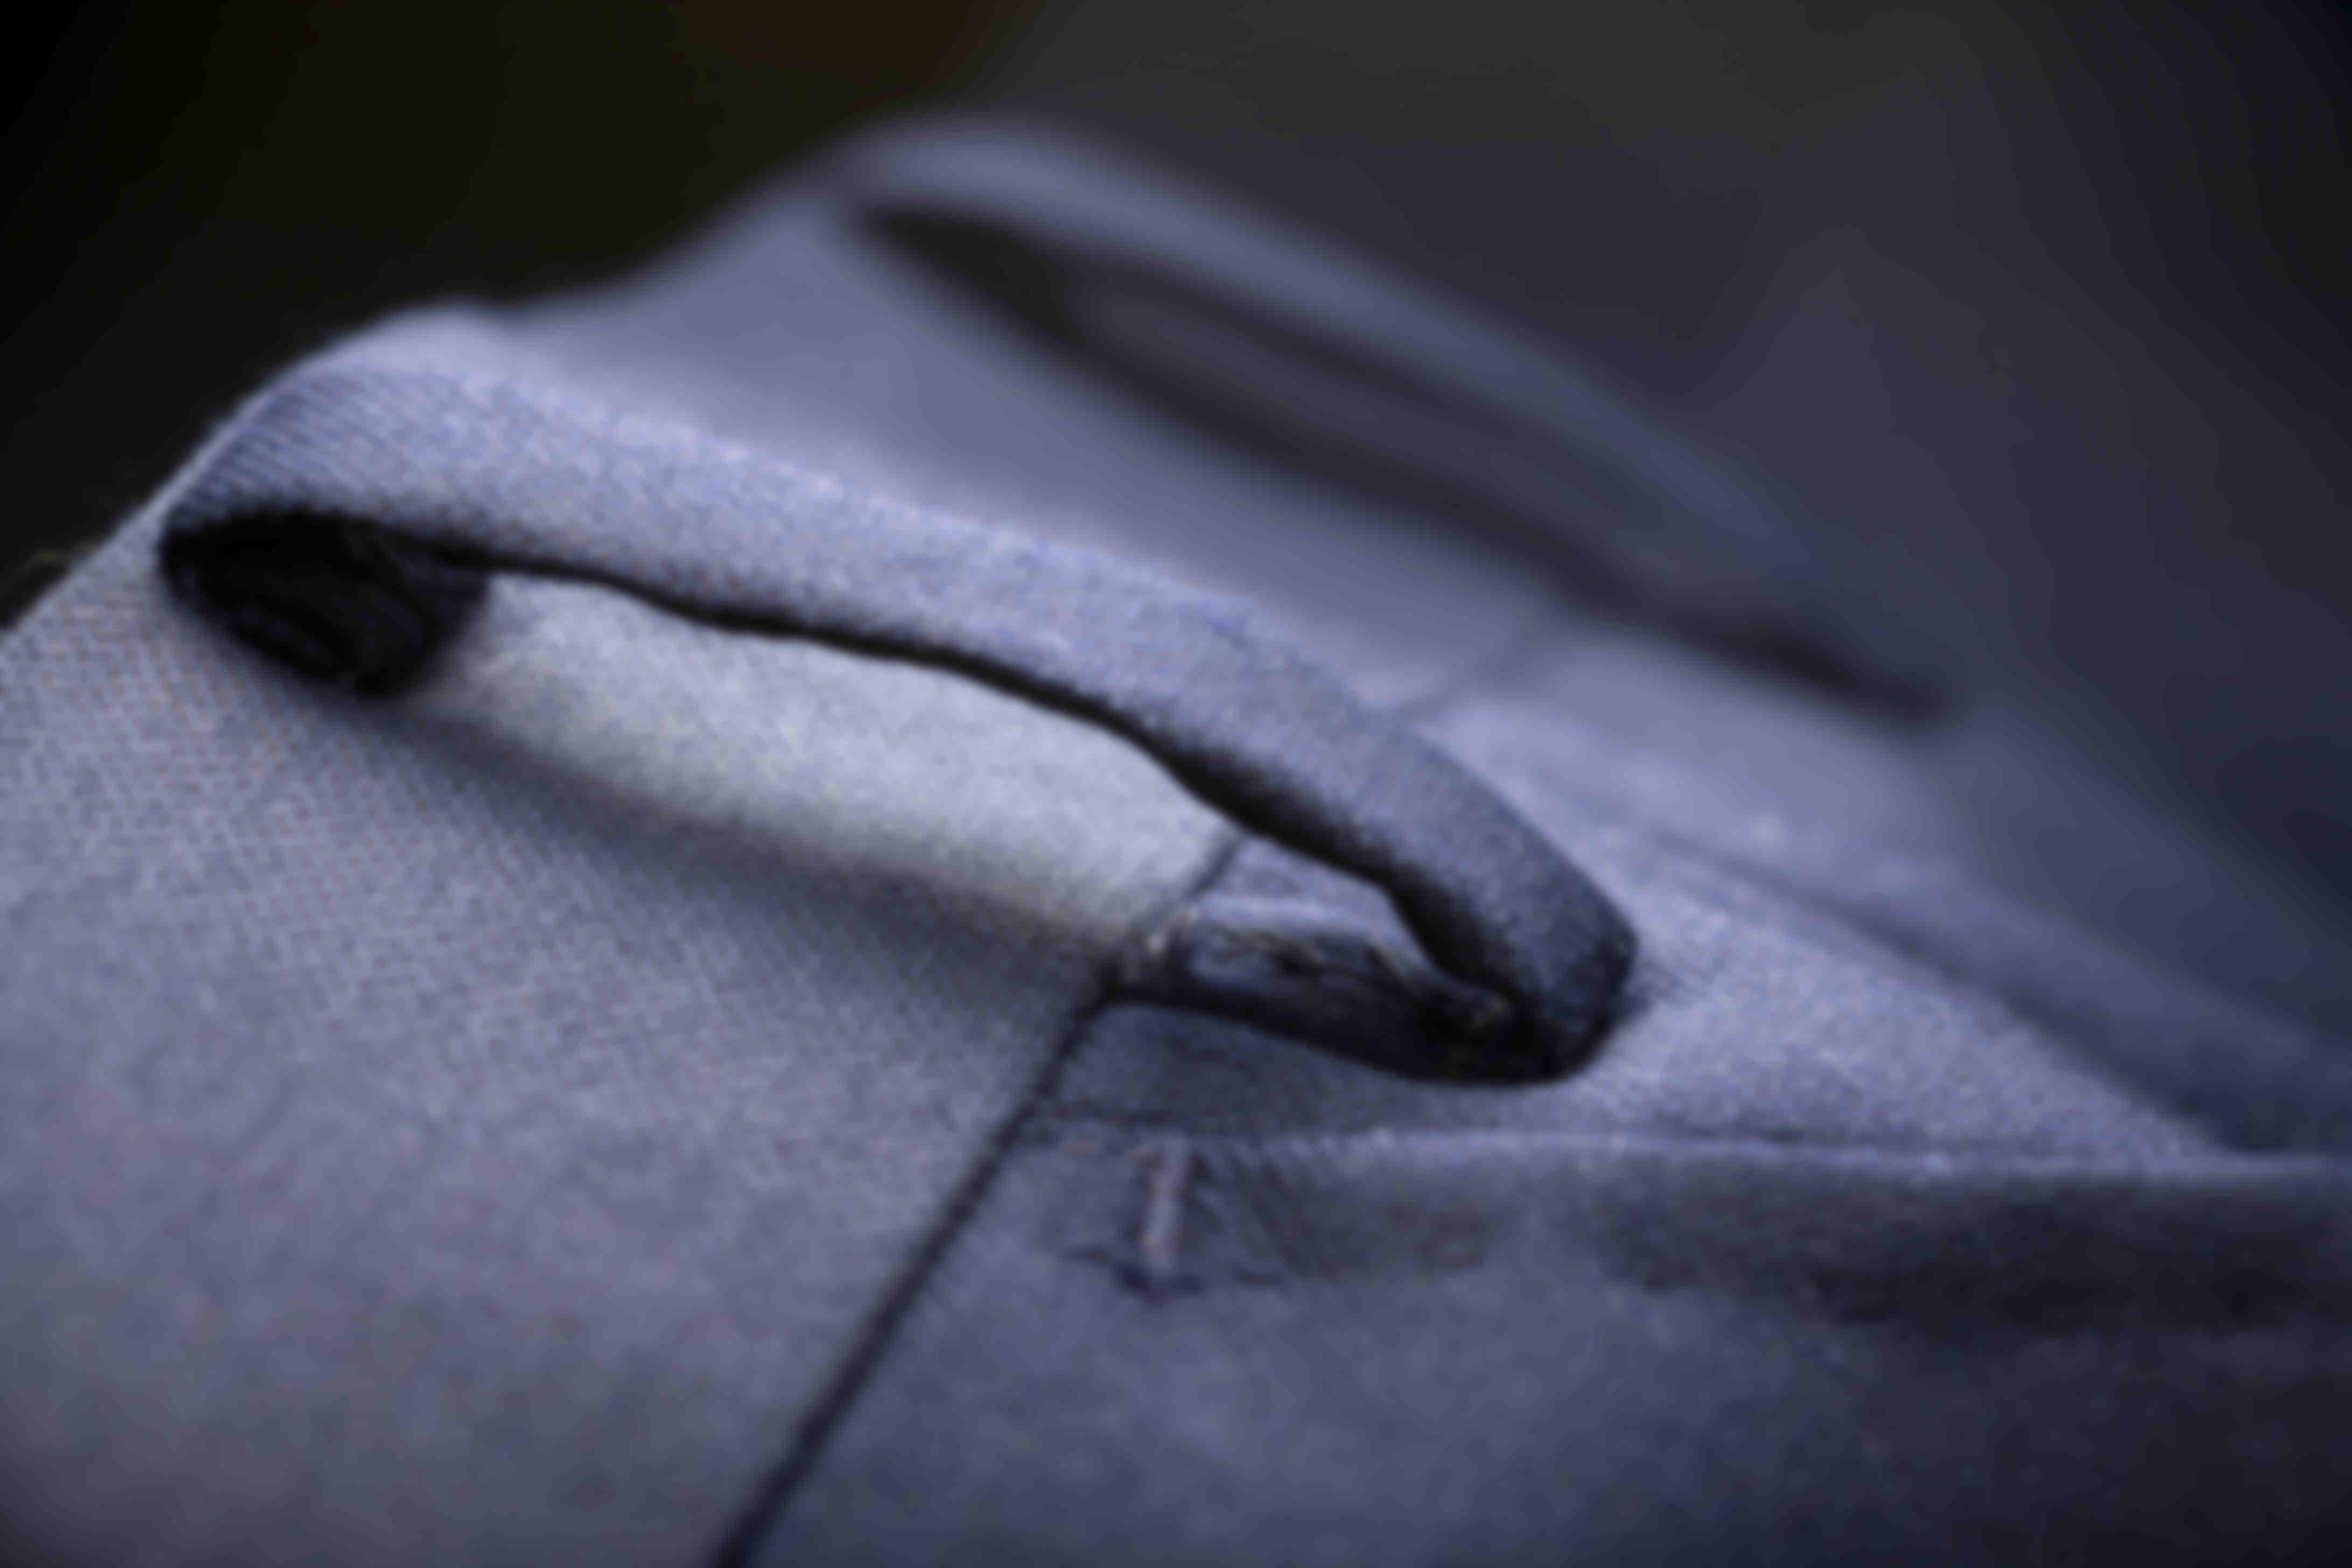 Détail sur la fabrication sans couture des passants de ceinture des pantalons sur mesure Atelier Mesure